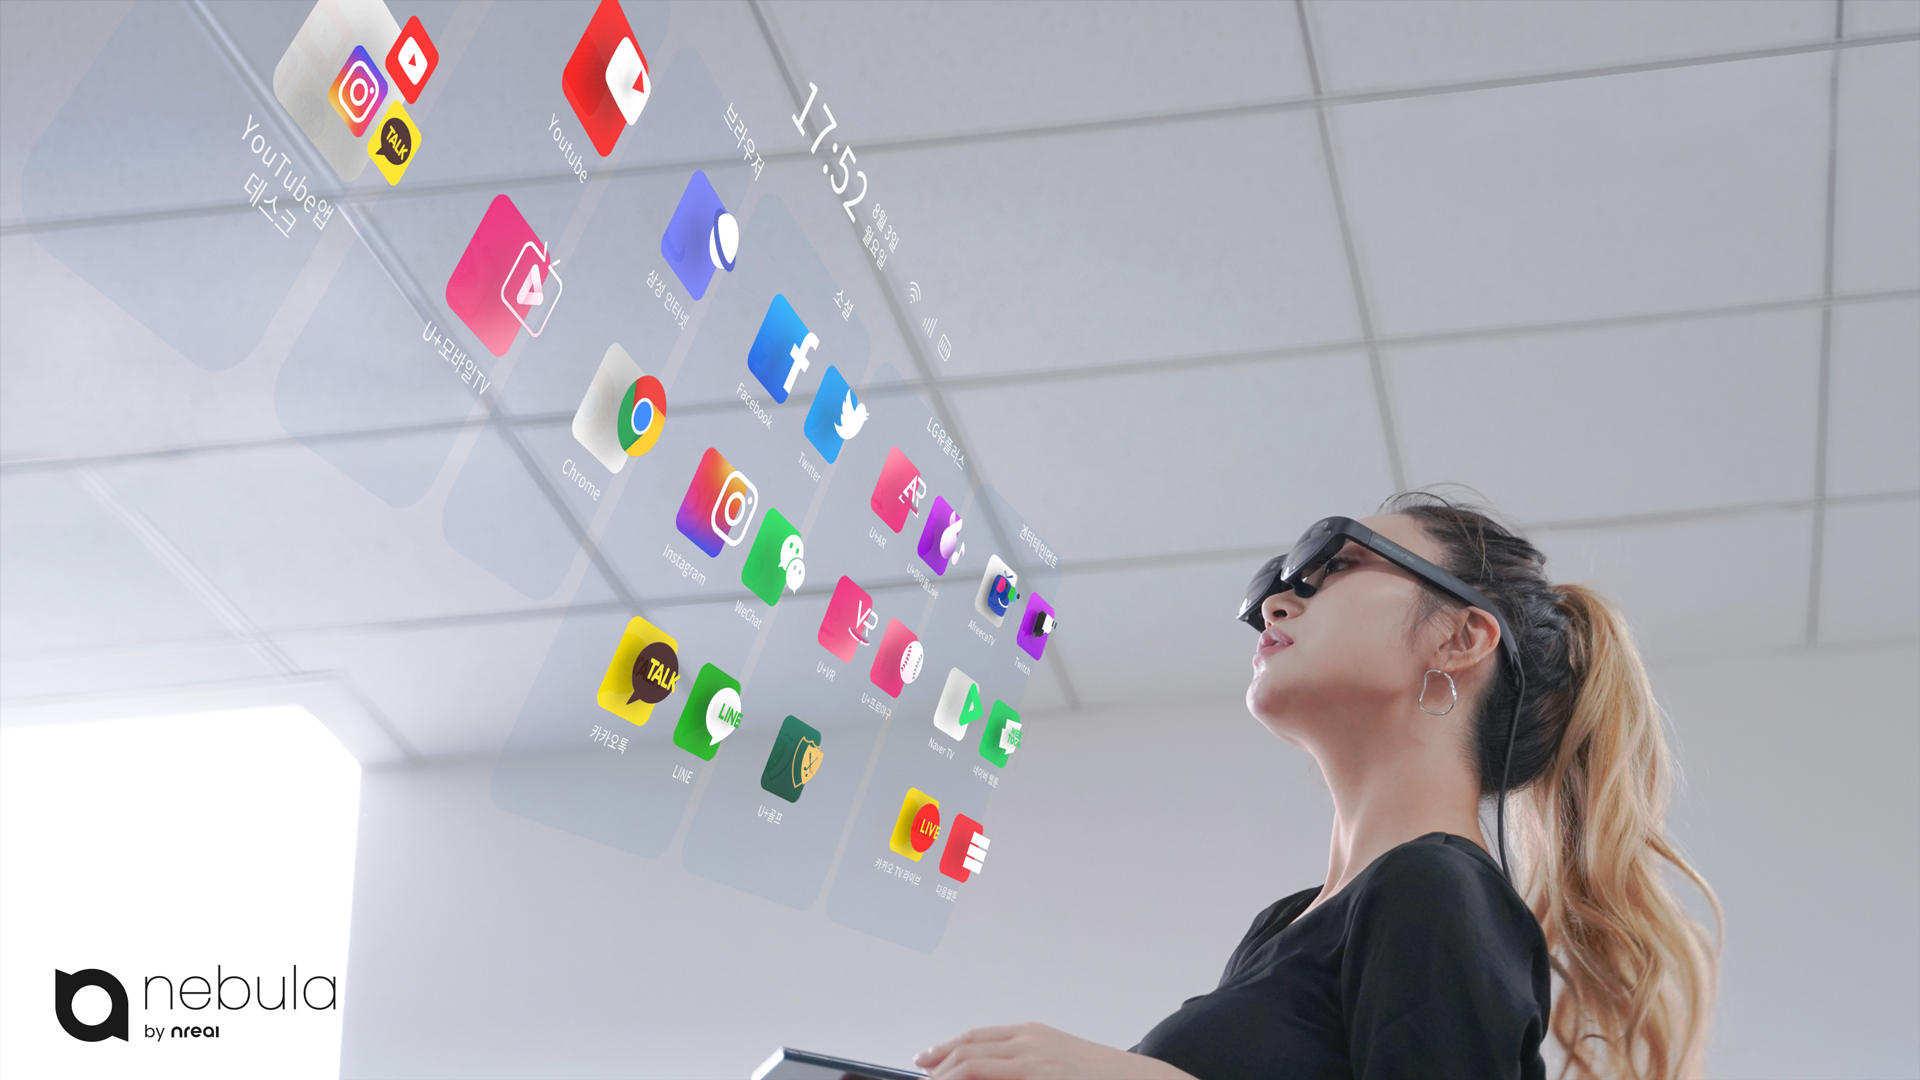 「Nreal」出海,5G新终端韩国第一次合作「LG U+」式开放待售